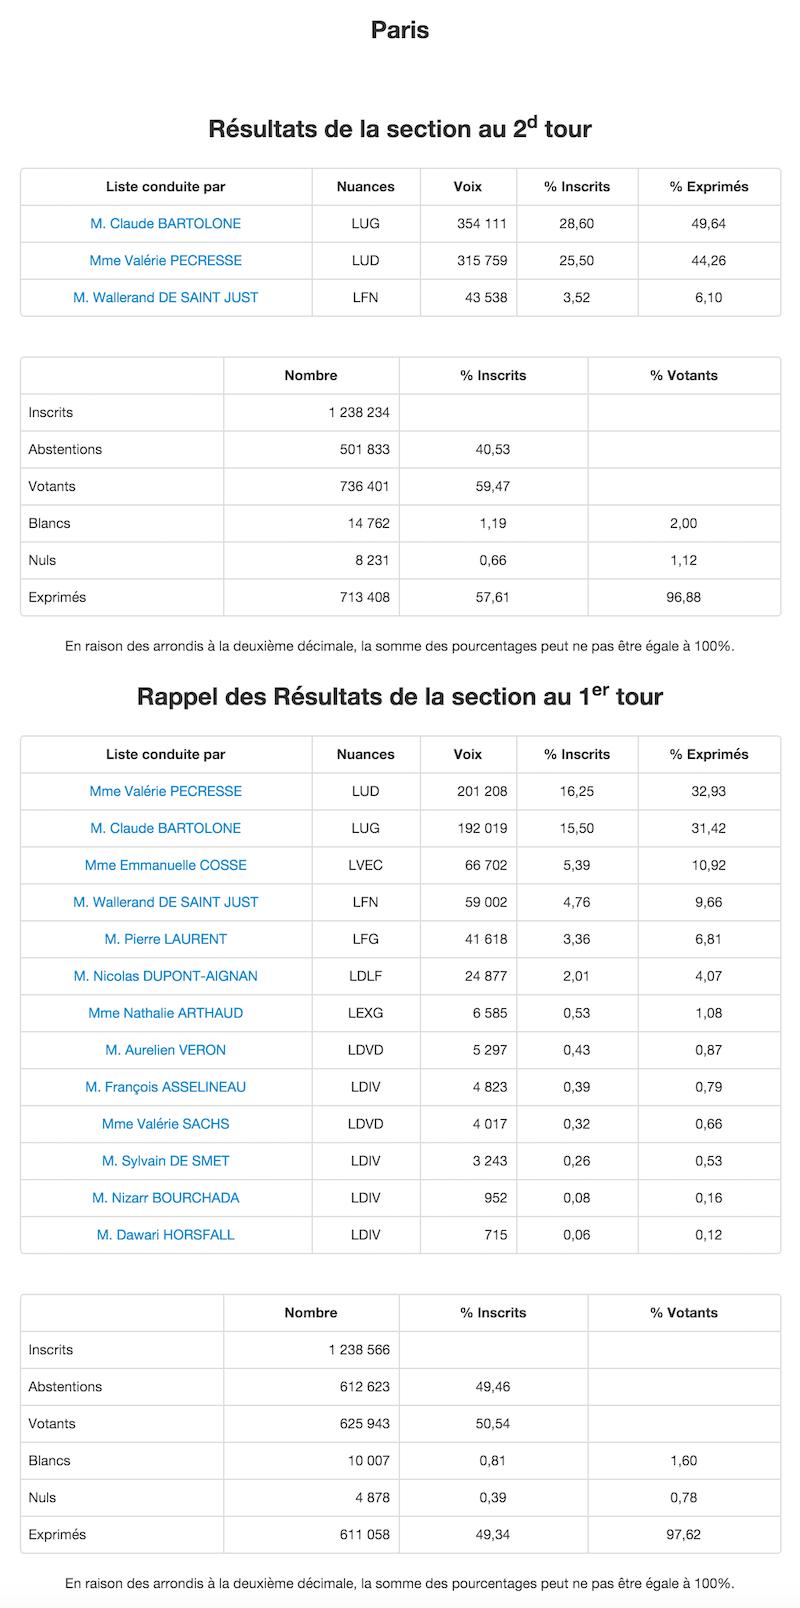 Régionales 2015 et 2010 dans le 17e arrondissement de Paris